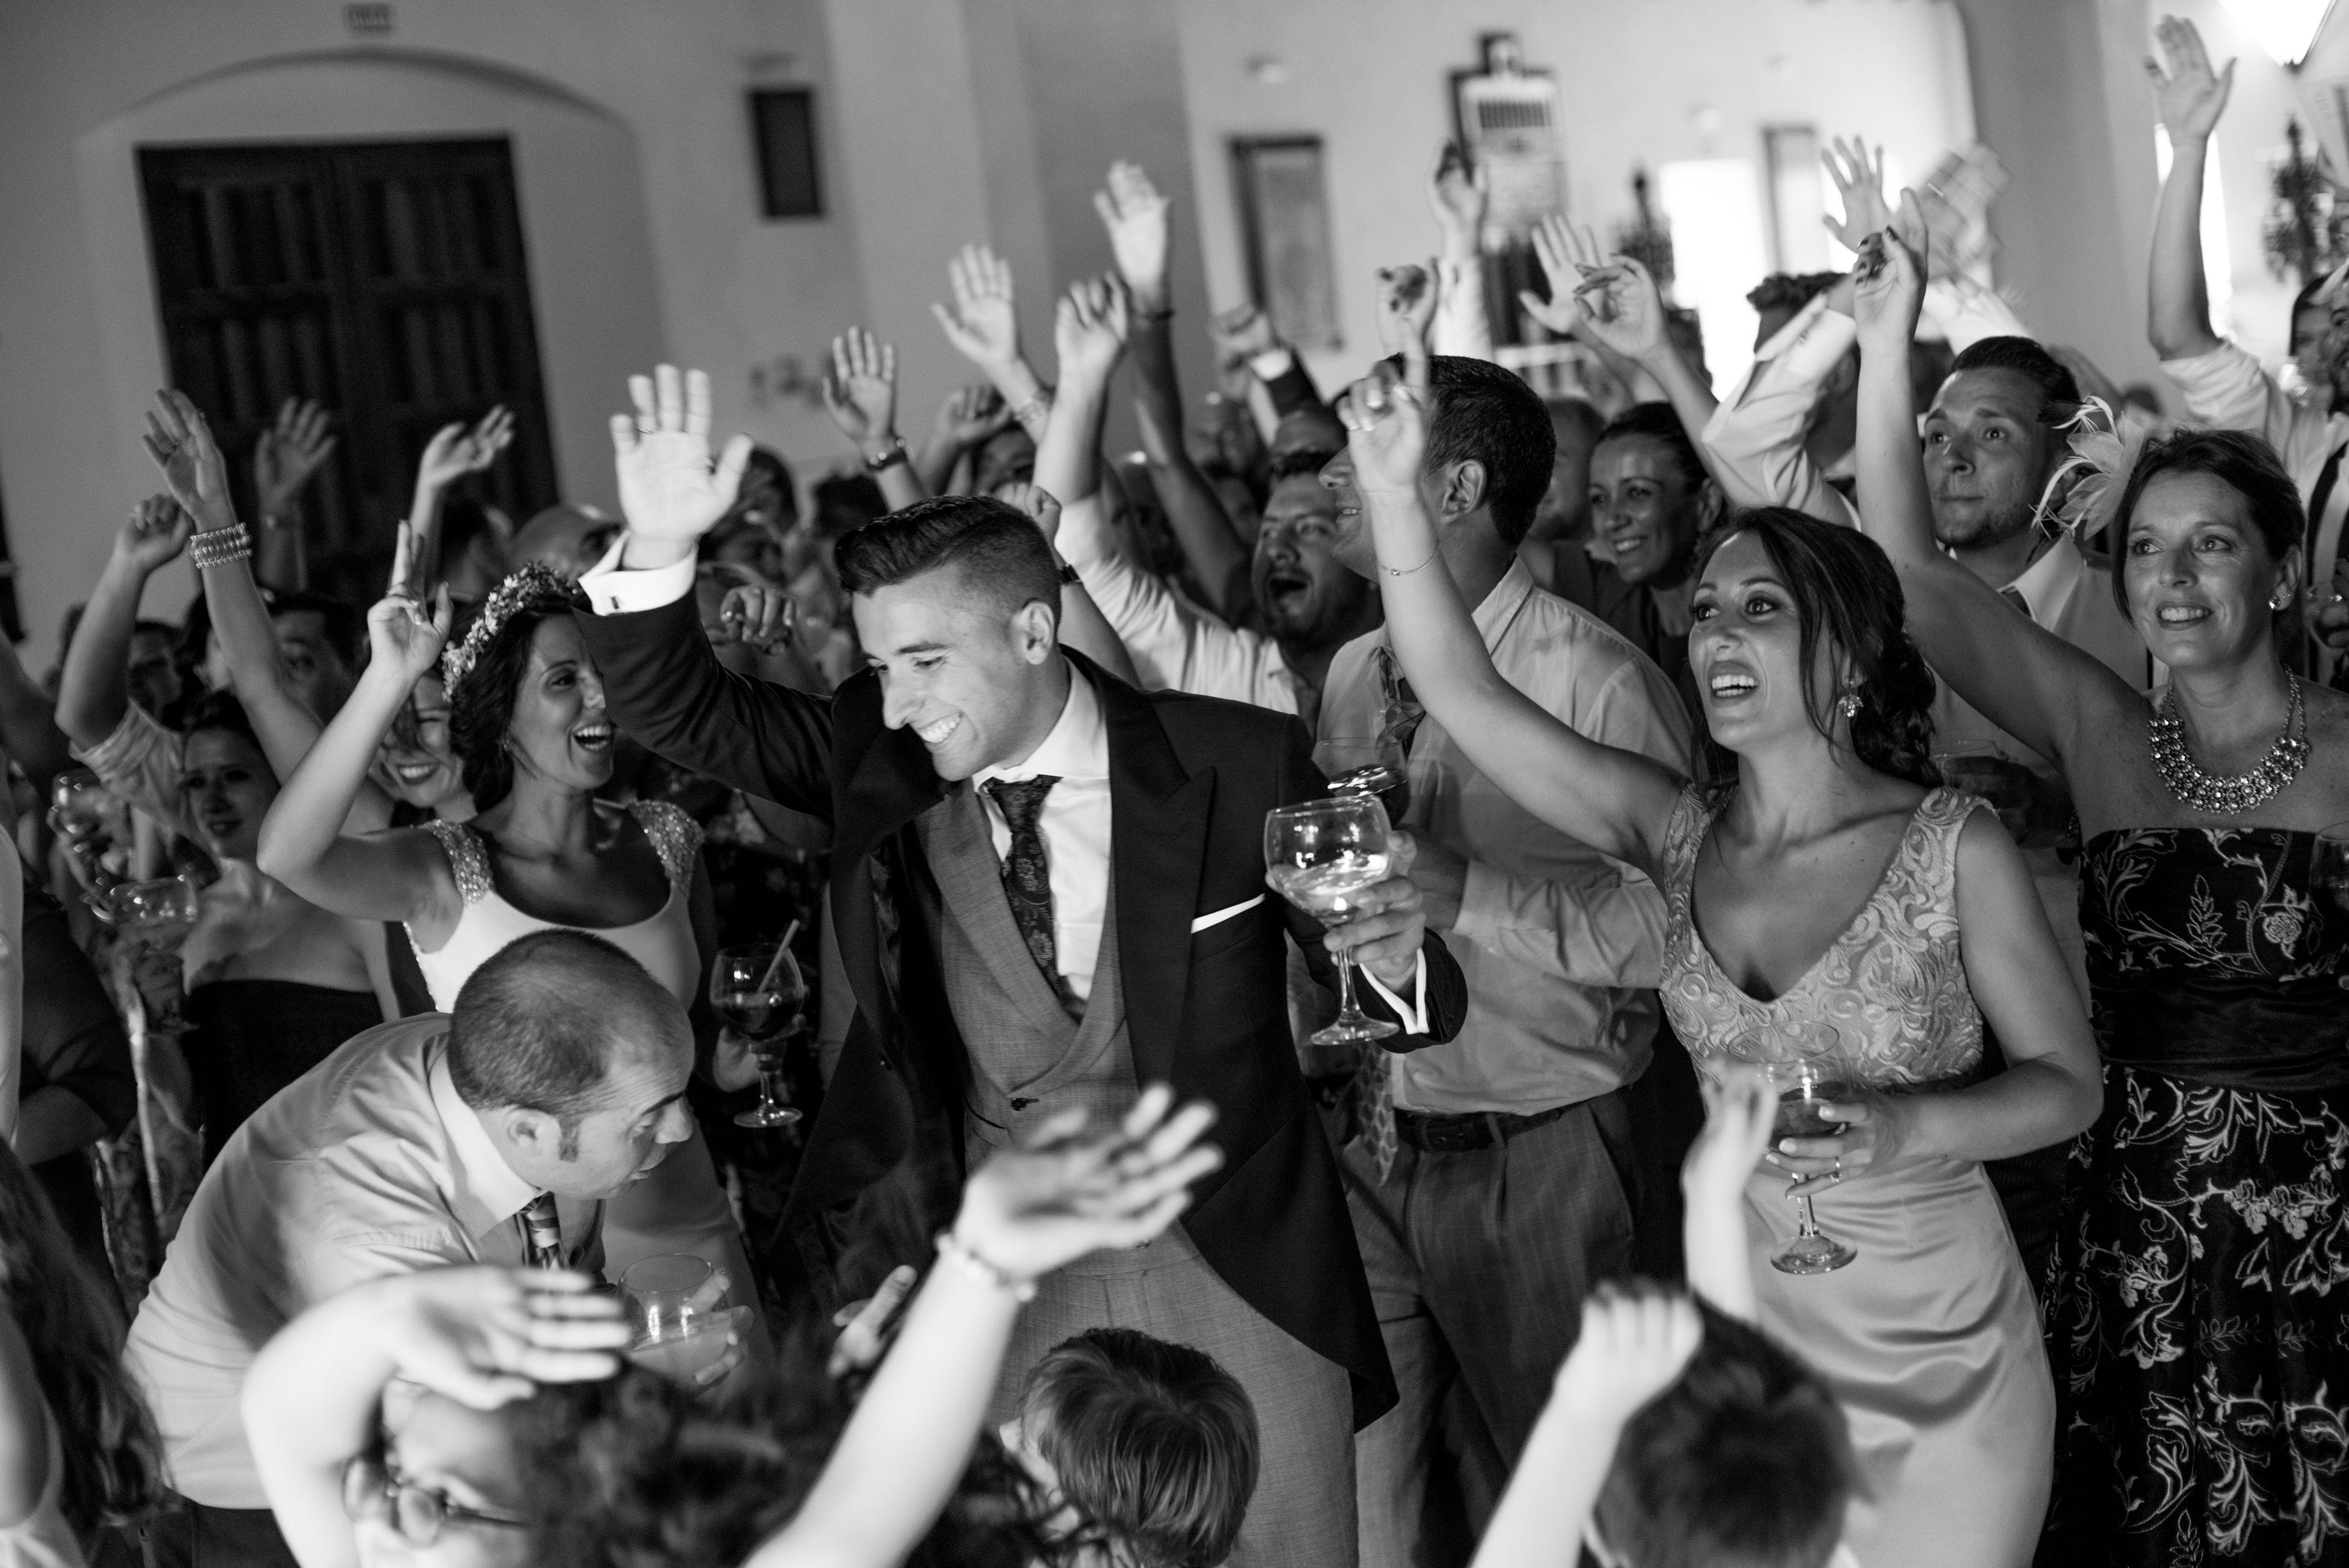 La boda de Roberto y Cristina 91